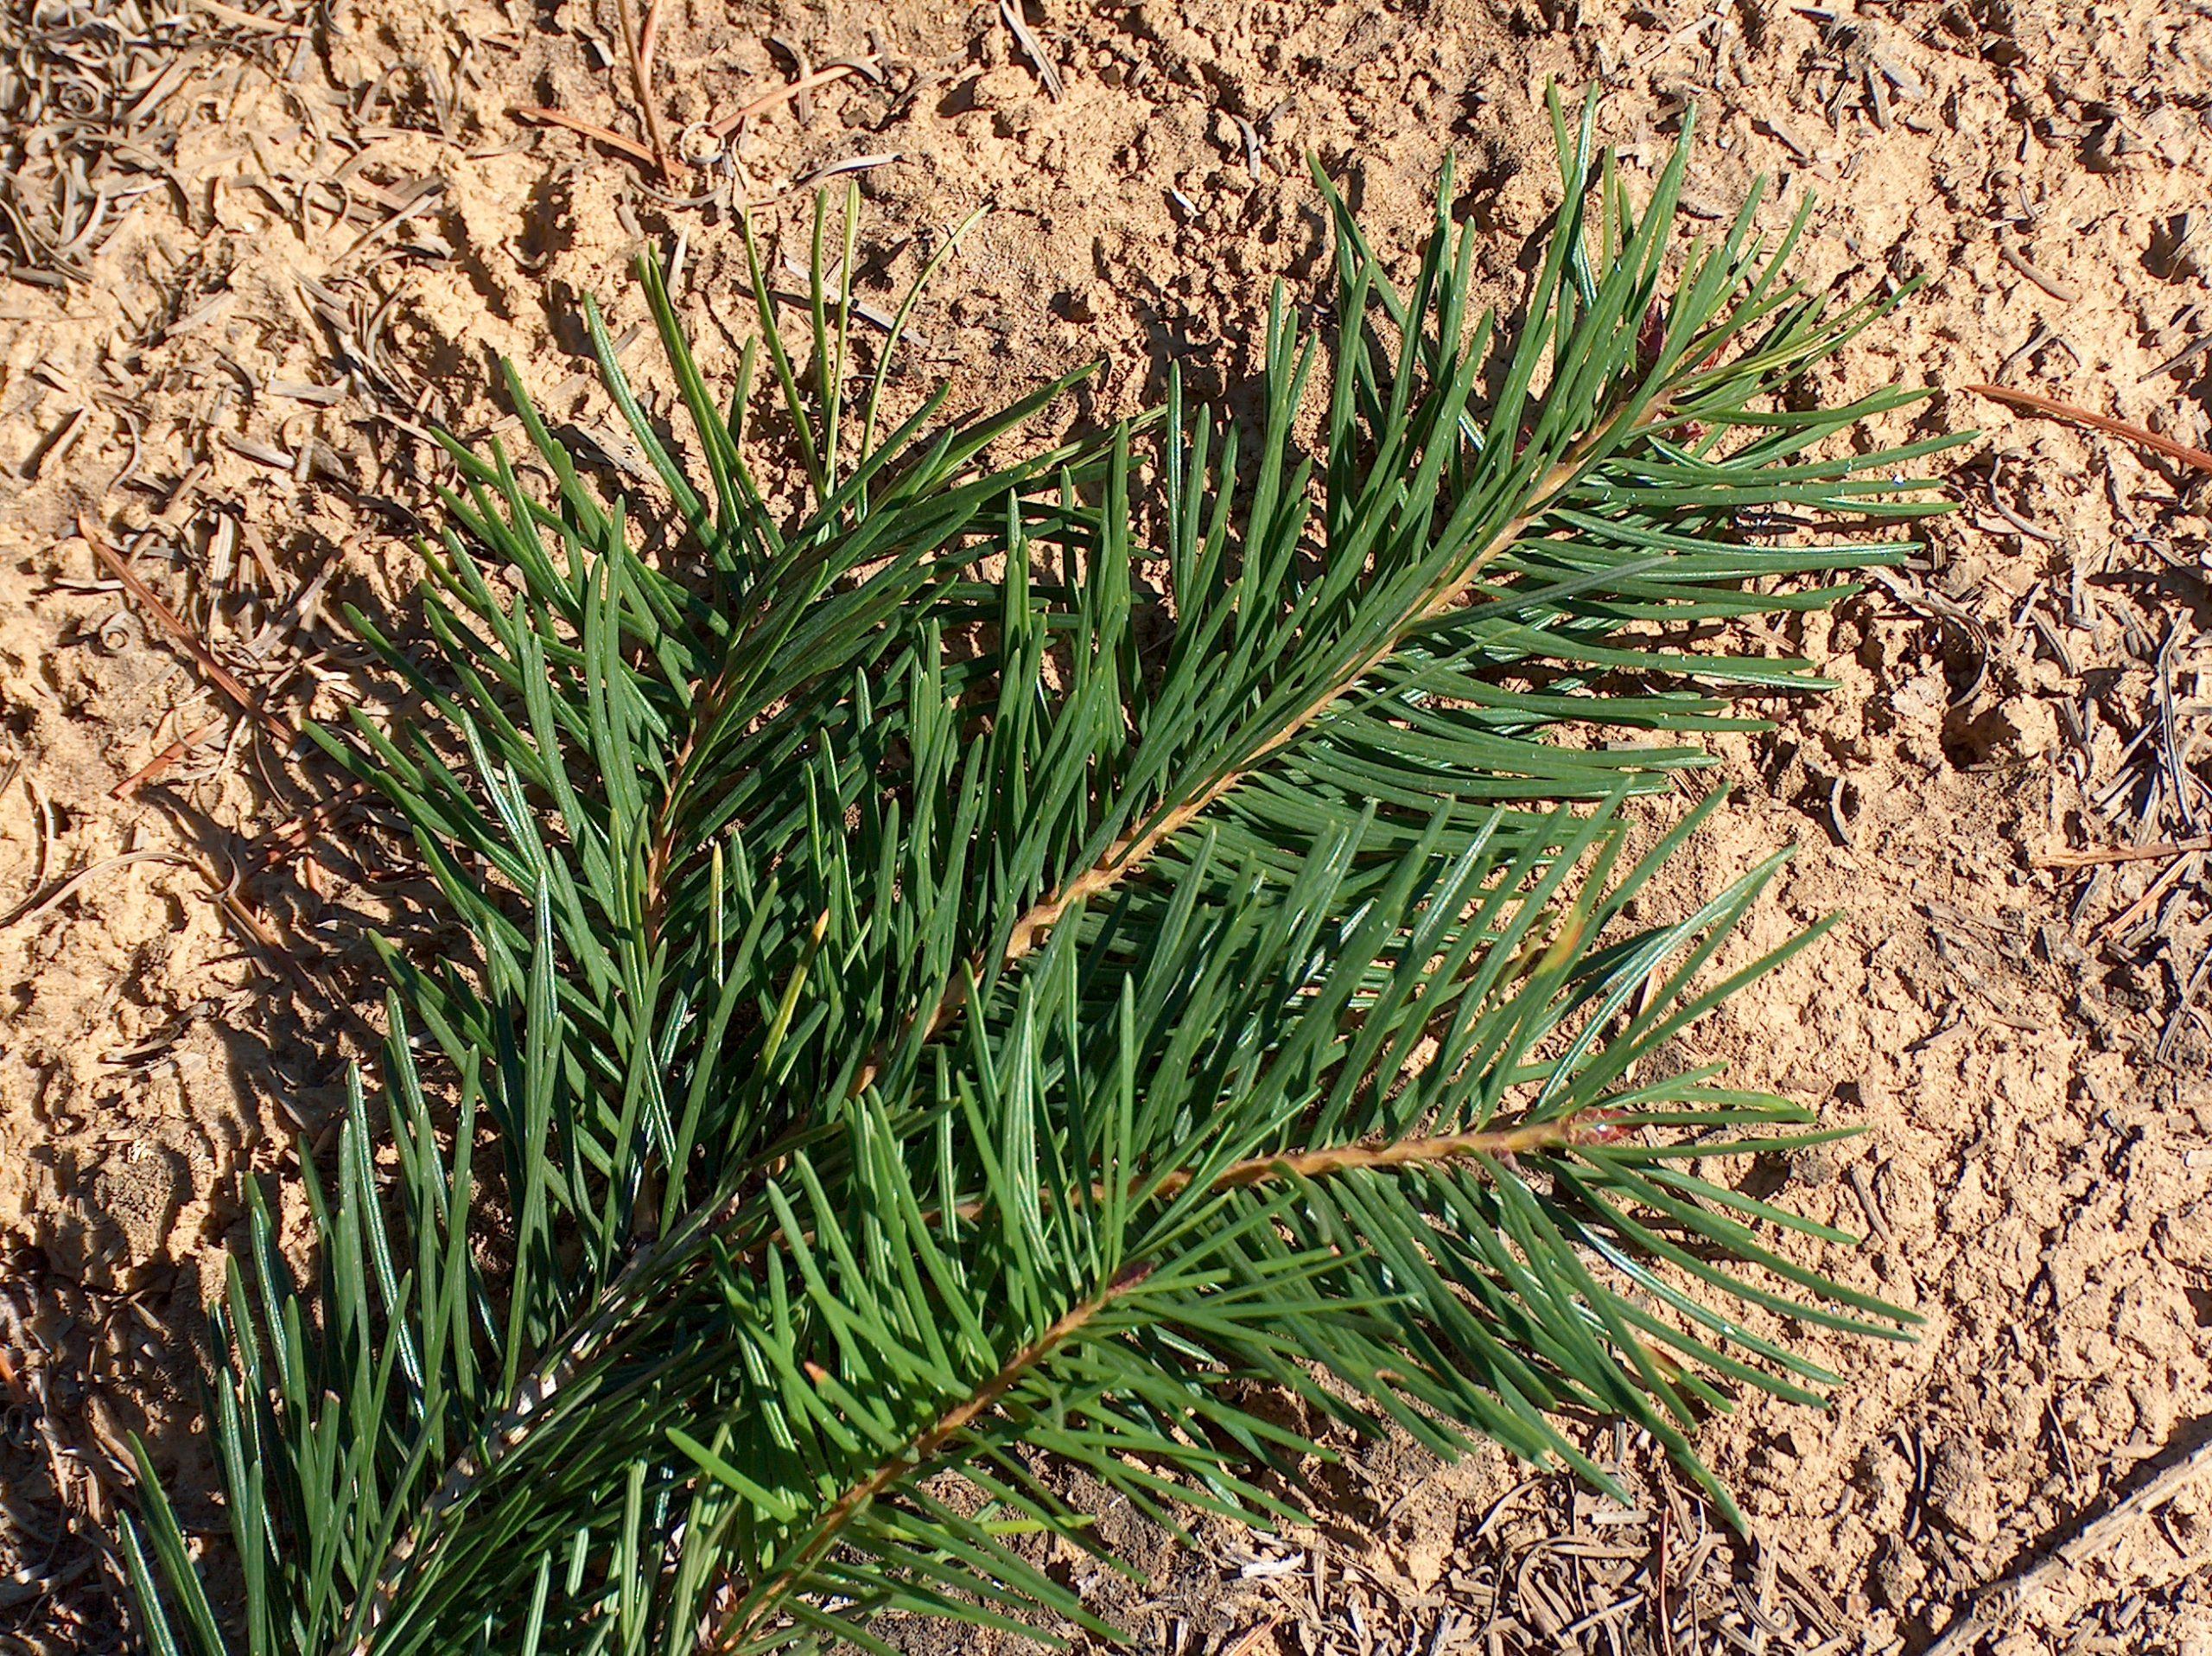 Douglas Fir Christmas Tree Close up